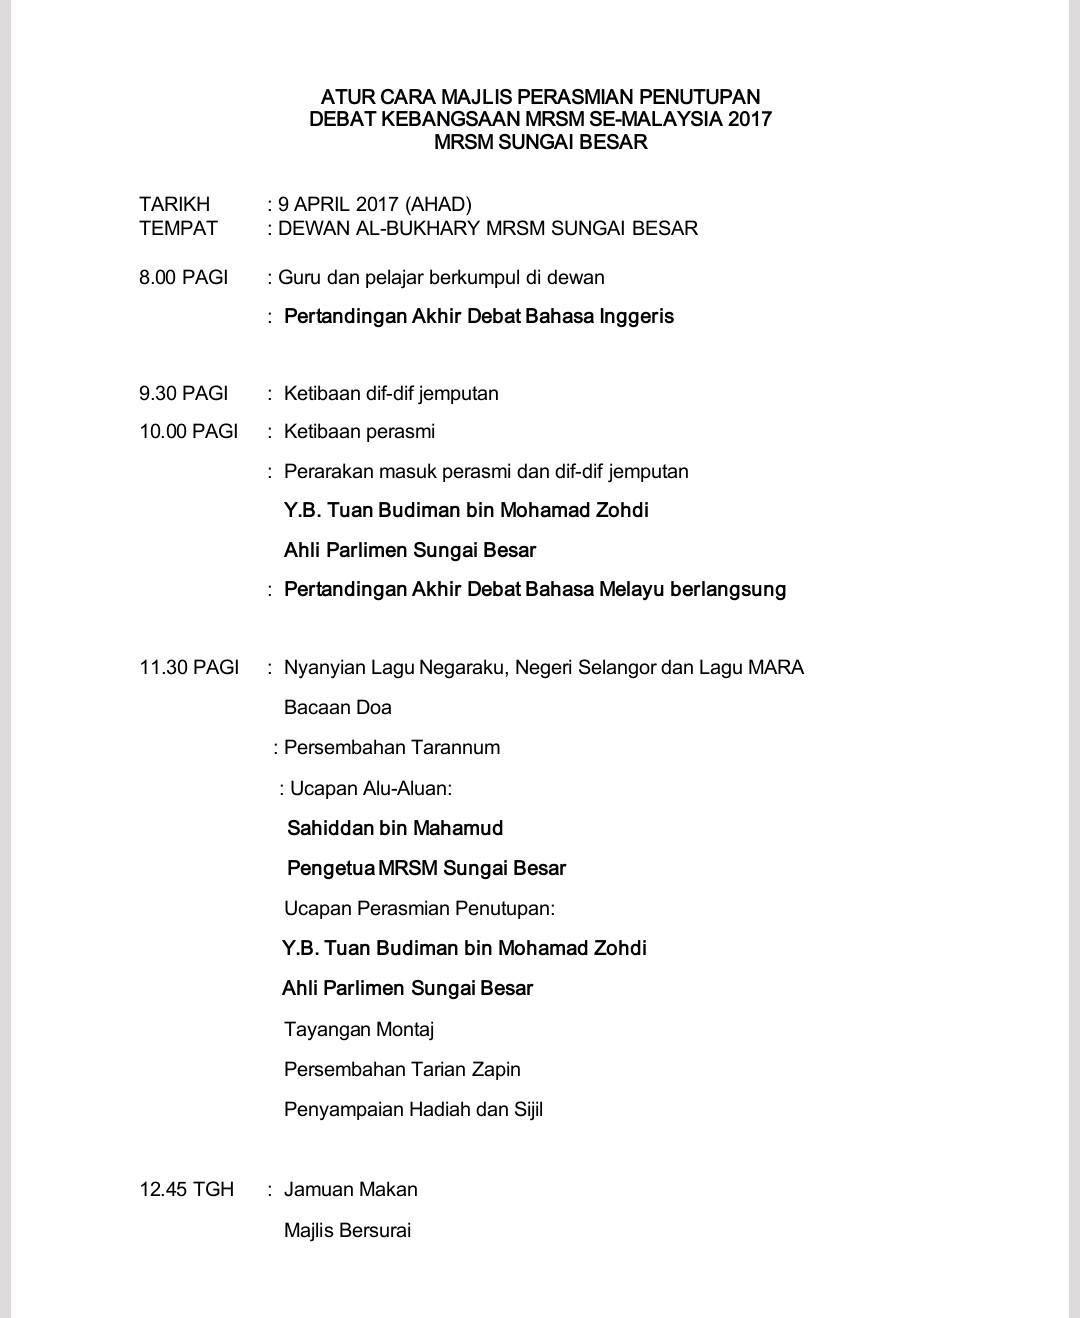 Jadual Pertandingan Dan Aturcara Majlis Penutupan